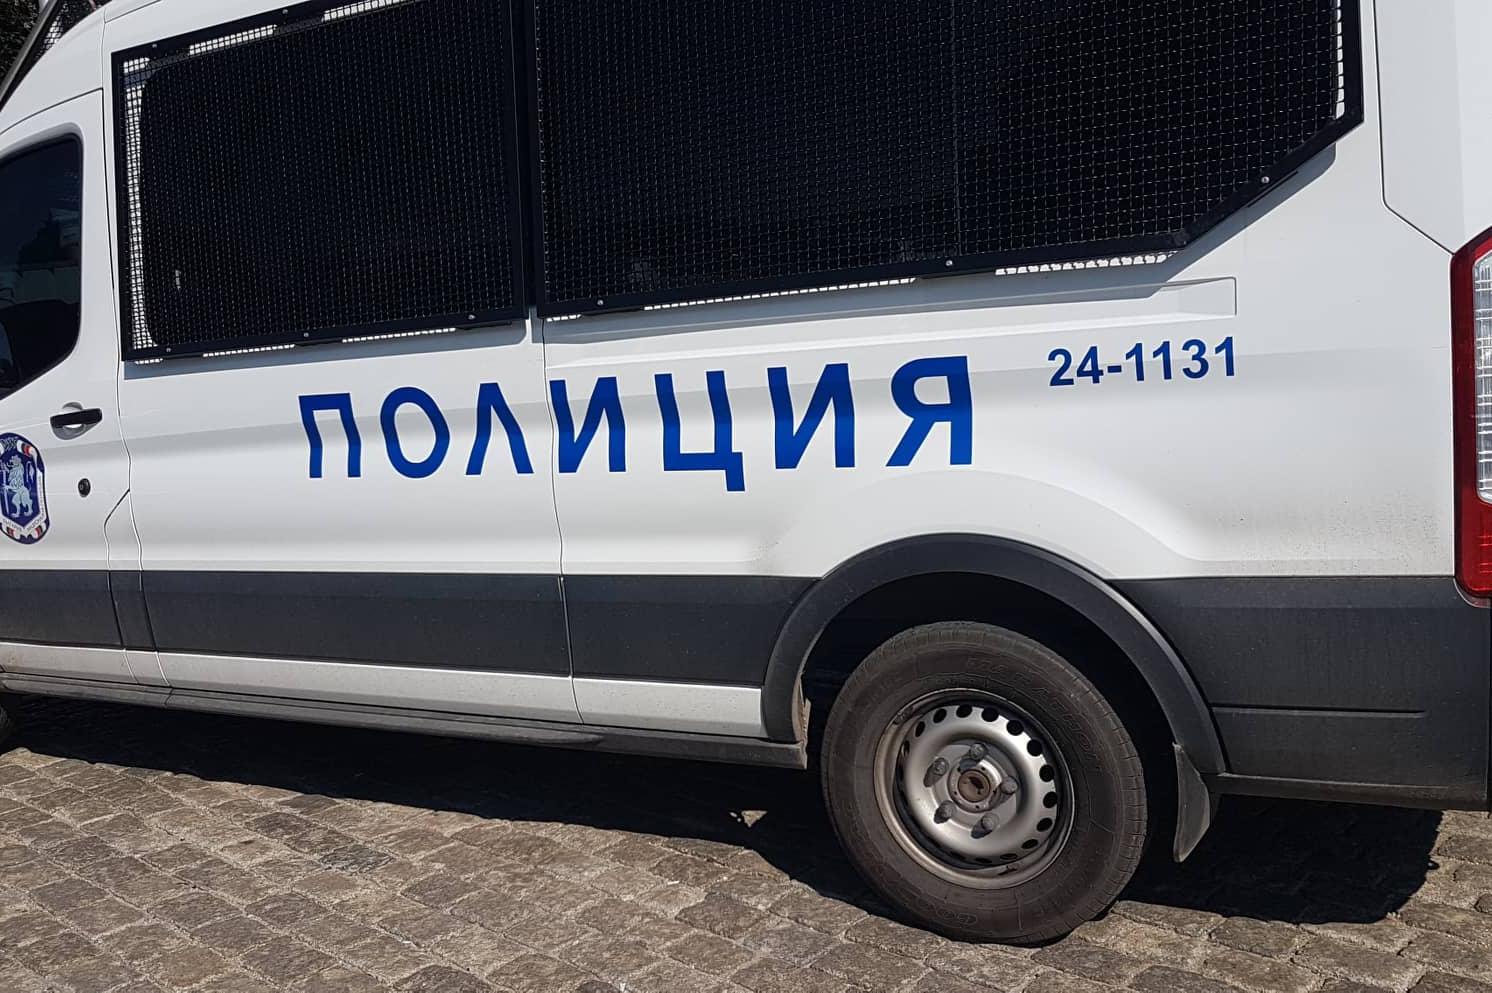 След грабежа на магазин в София: Взети са около 300 лева от касата, издирва